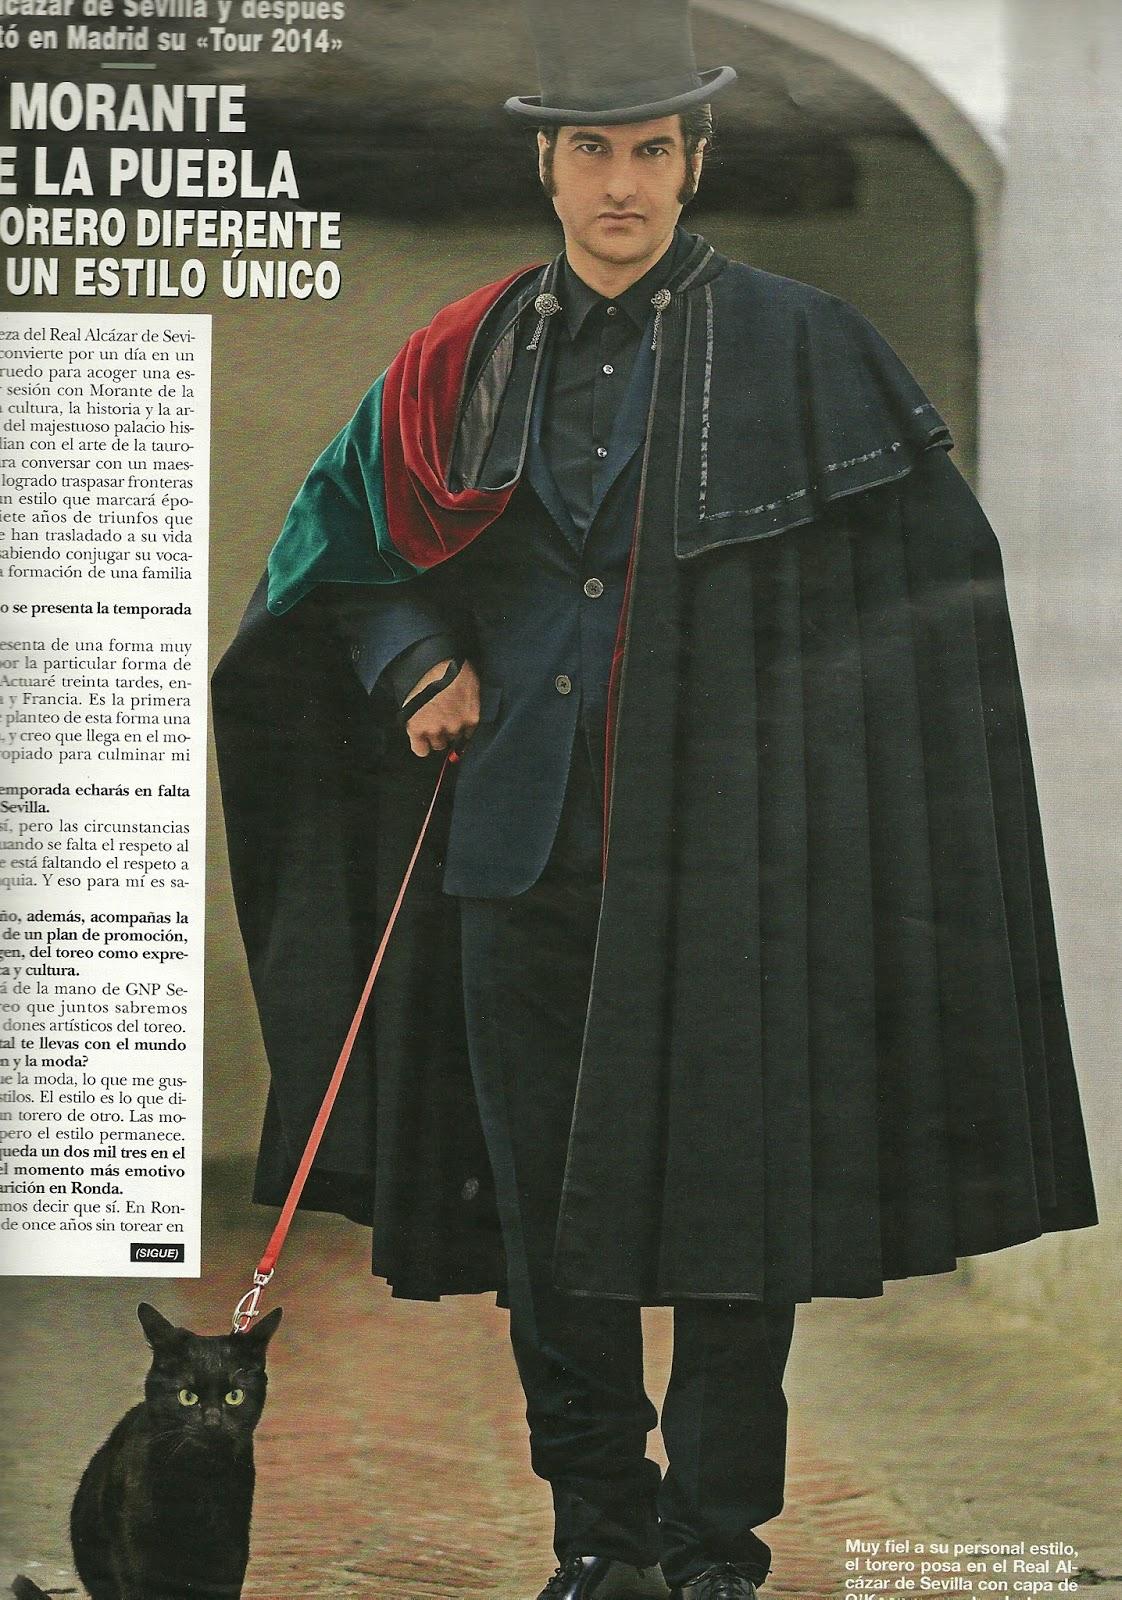 Una foto de Morante cada día - Página 9 Morante+de+la+Puebla+en+HOLA+3